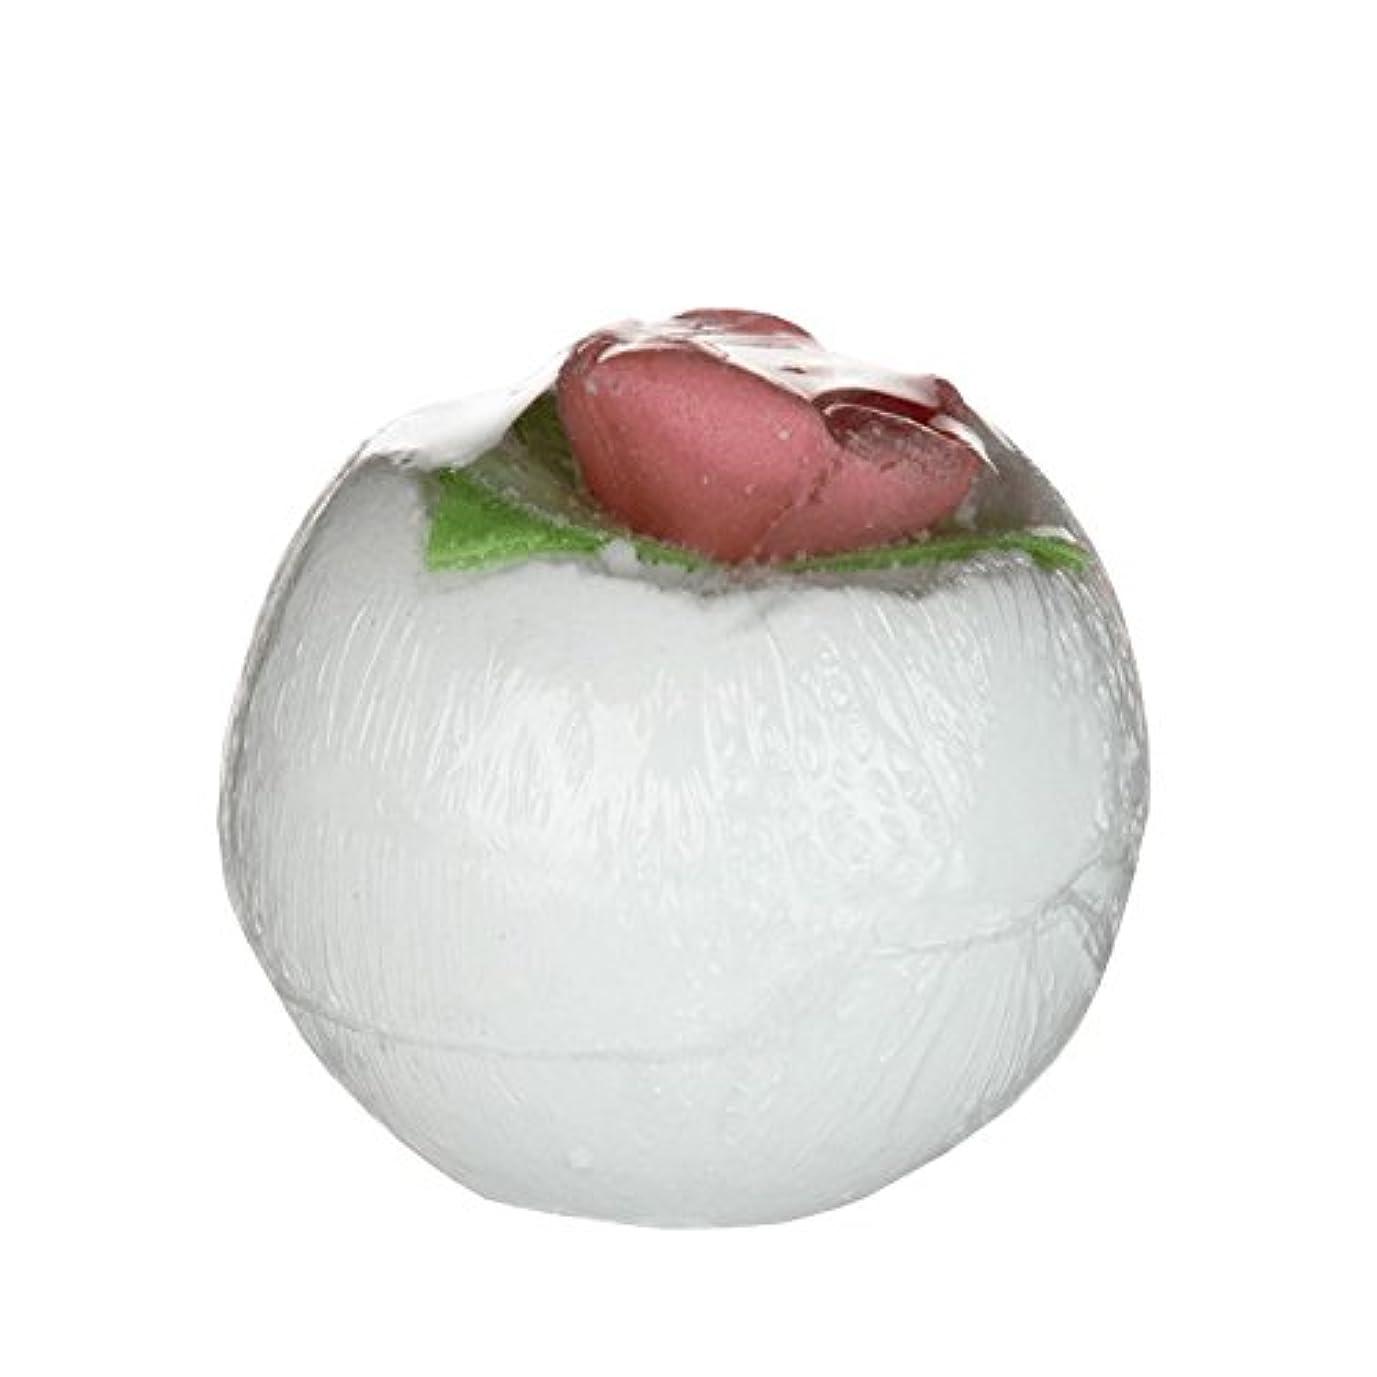 中級クランシー消毒剤Treetsバスボール最愛の花170グラム - Treets Bath Ball Darling Flower 170g (Treets) [並行輸入品]